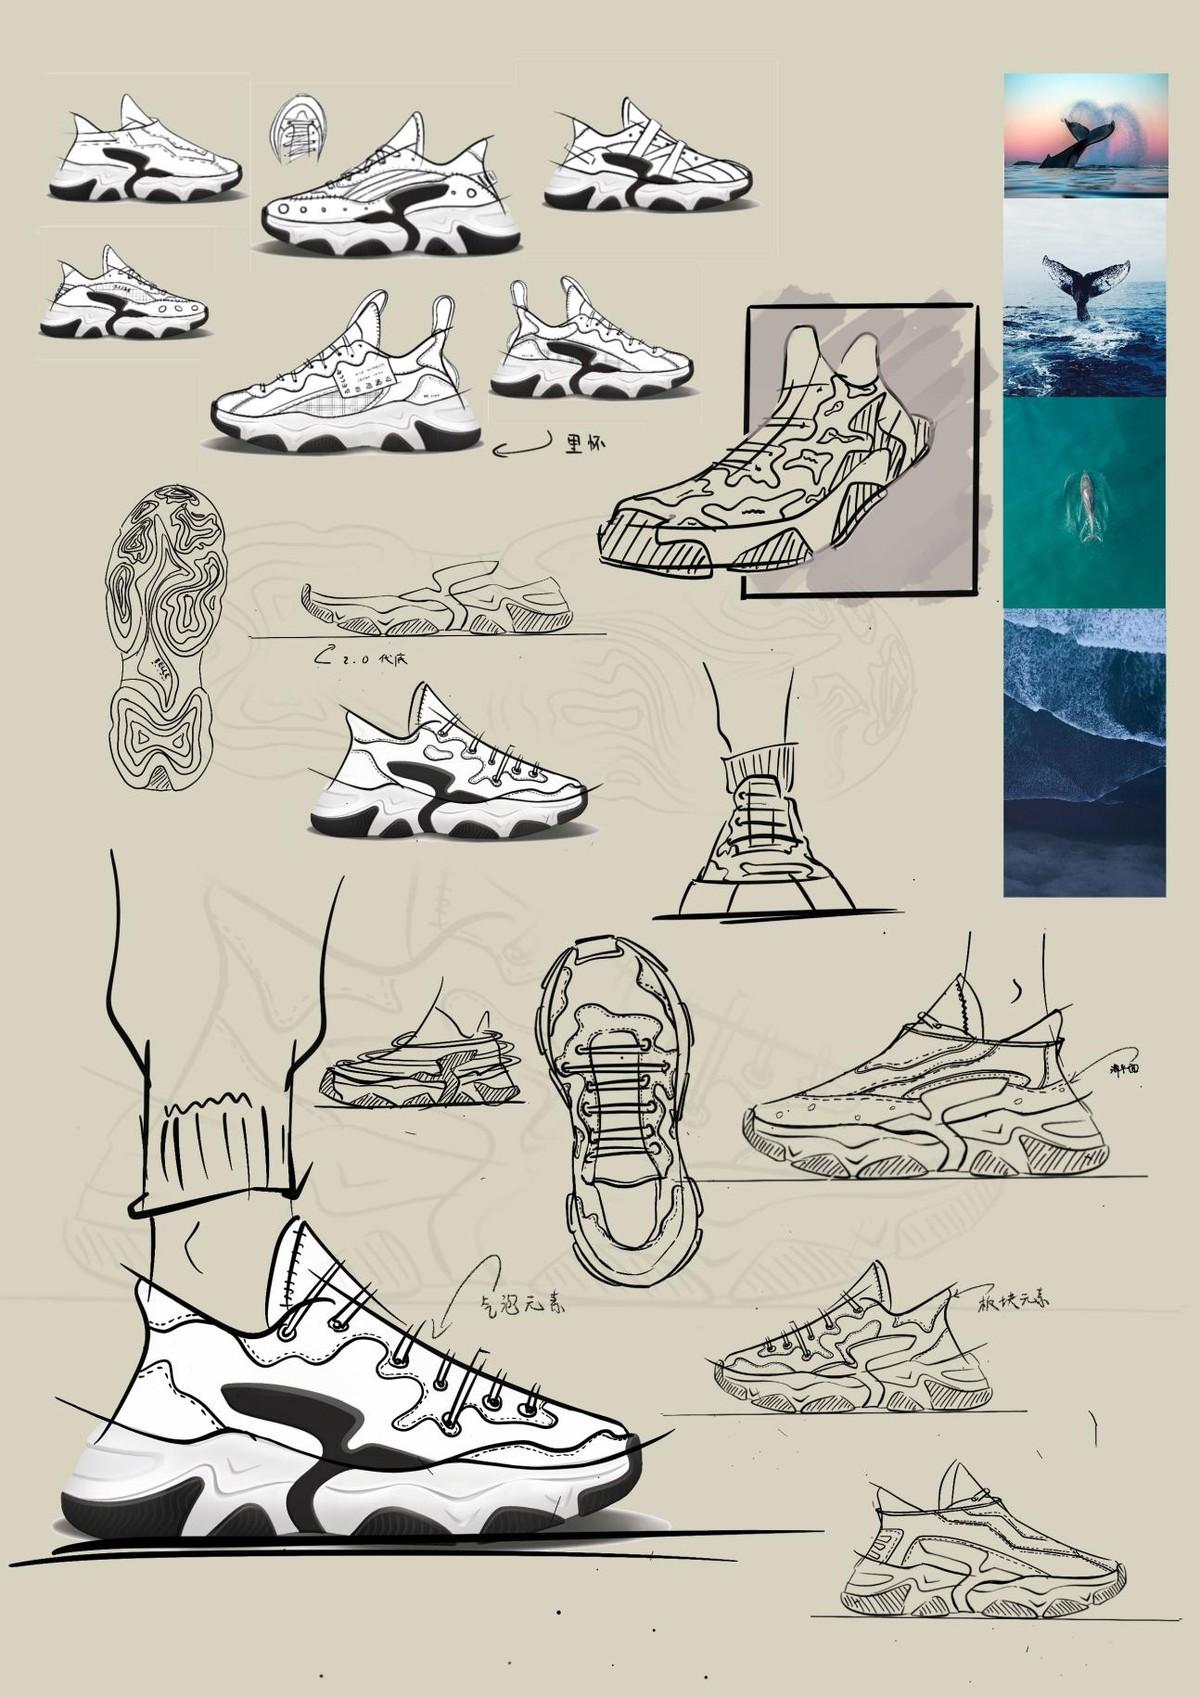 溫大美院助力知名鞋企開啟原創鞋履設計新篇章